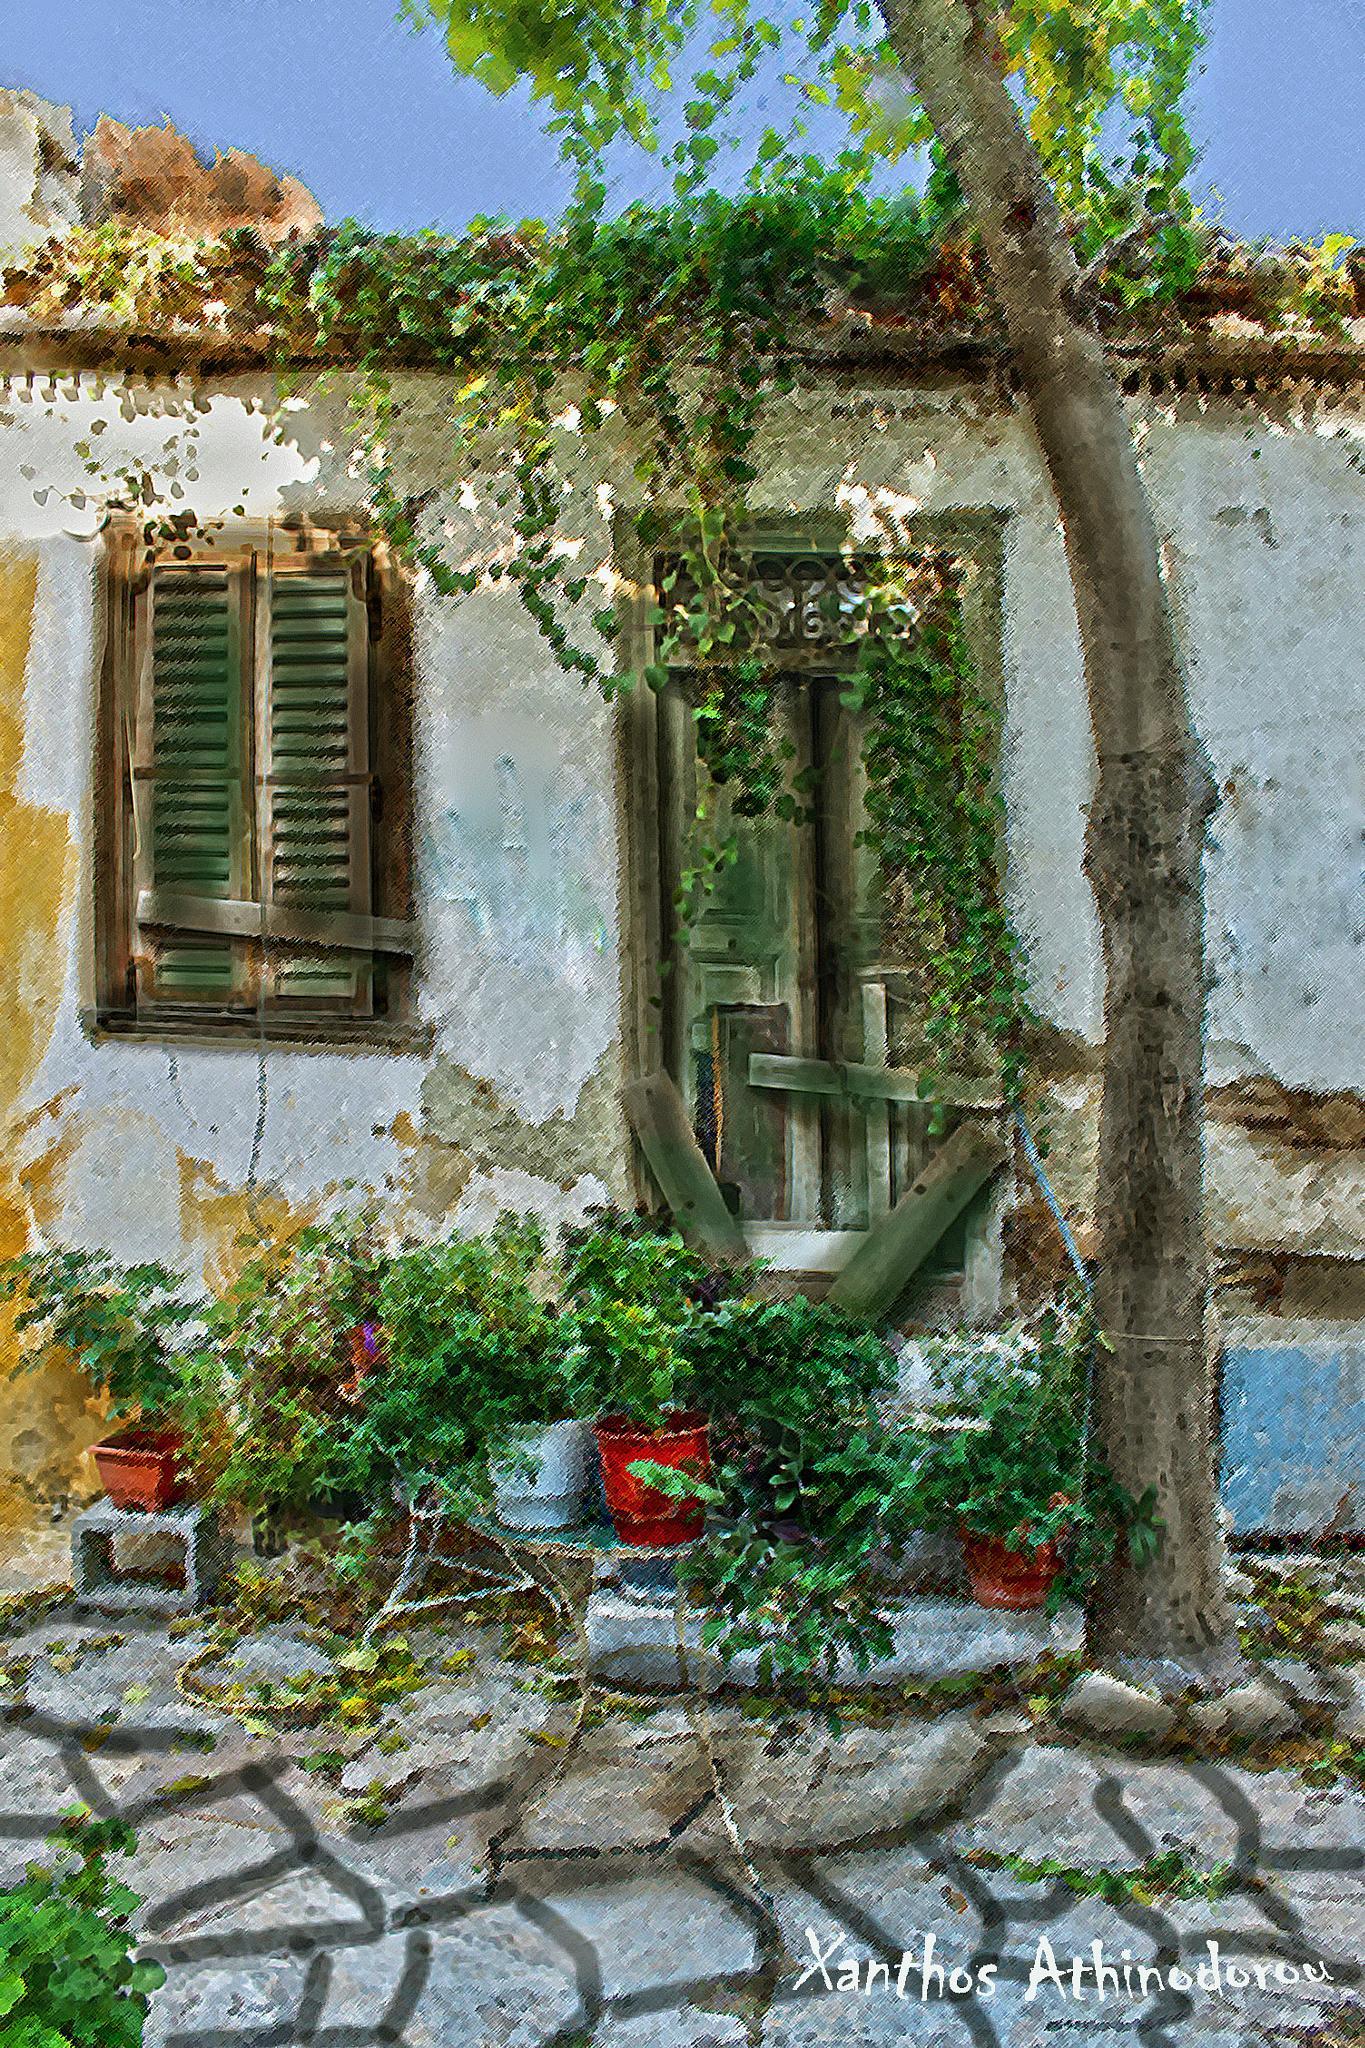 Untitled by Xanthos Athinodorou